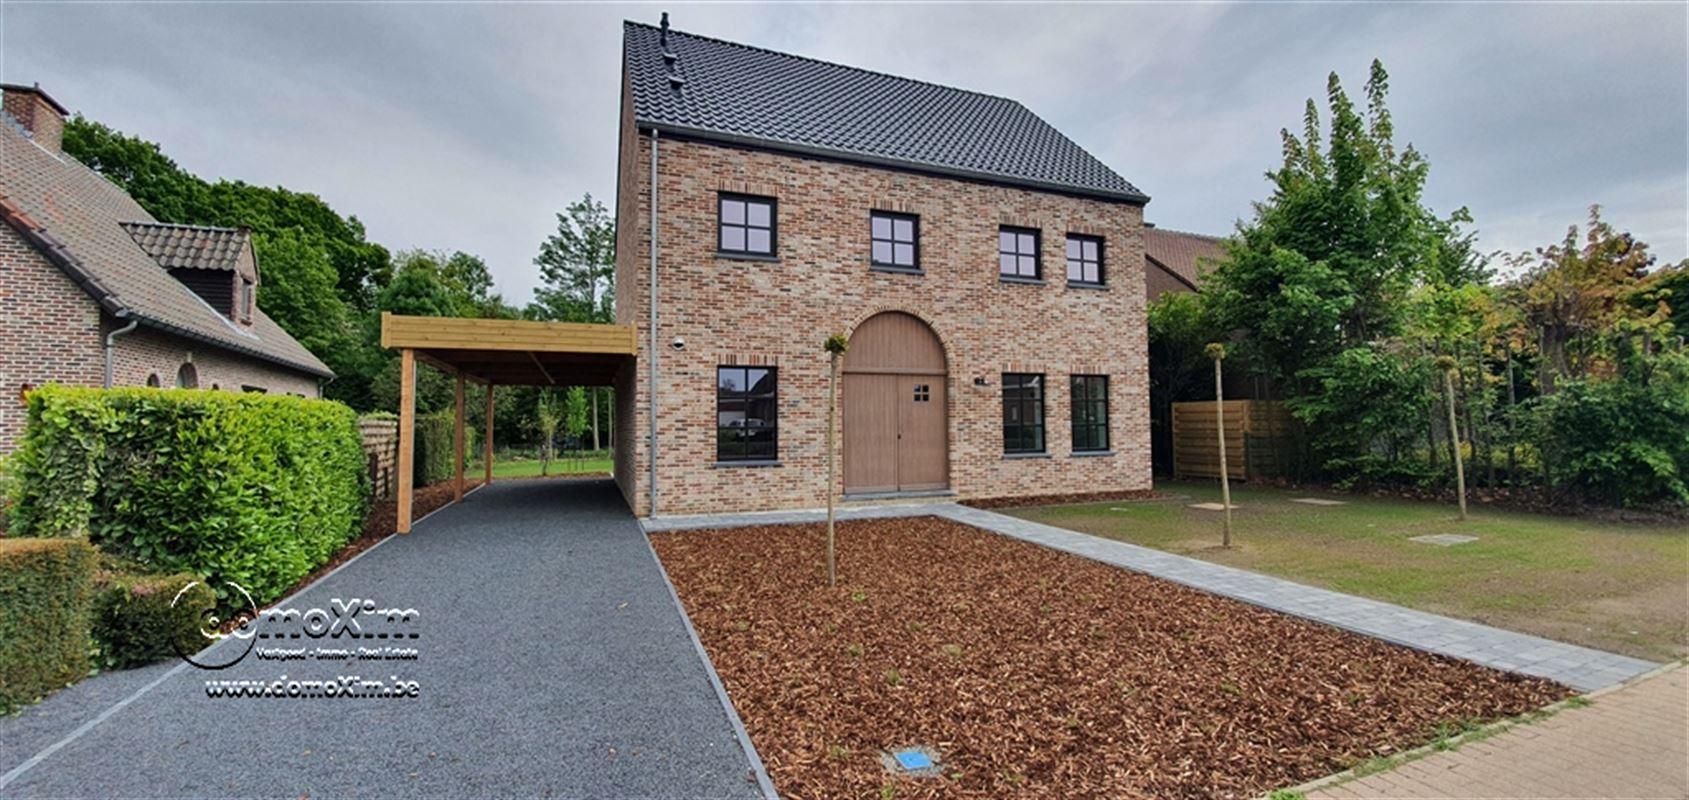 immo huur te Boortmeerbeek 3190 Boortmeerbeek,Audenhovenlaan+35,+3190+BOORTMEERBEEK